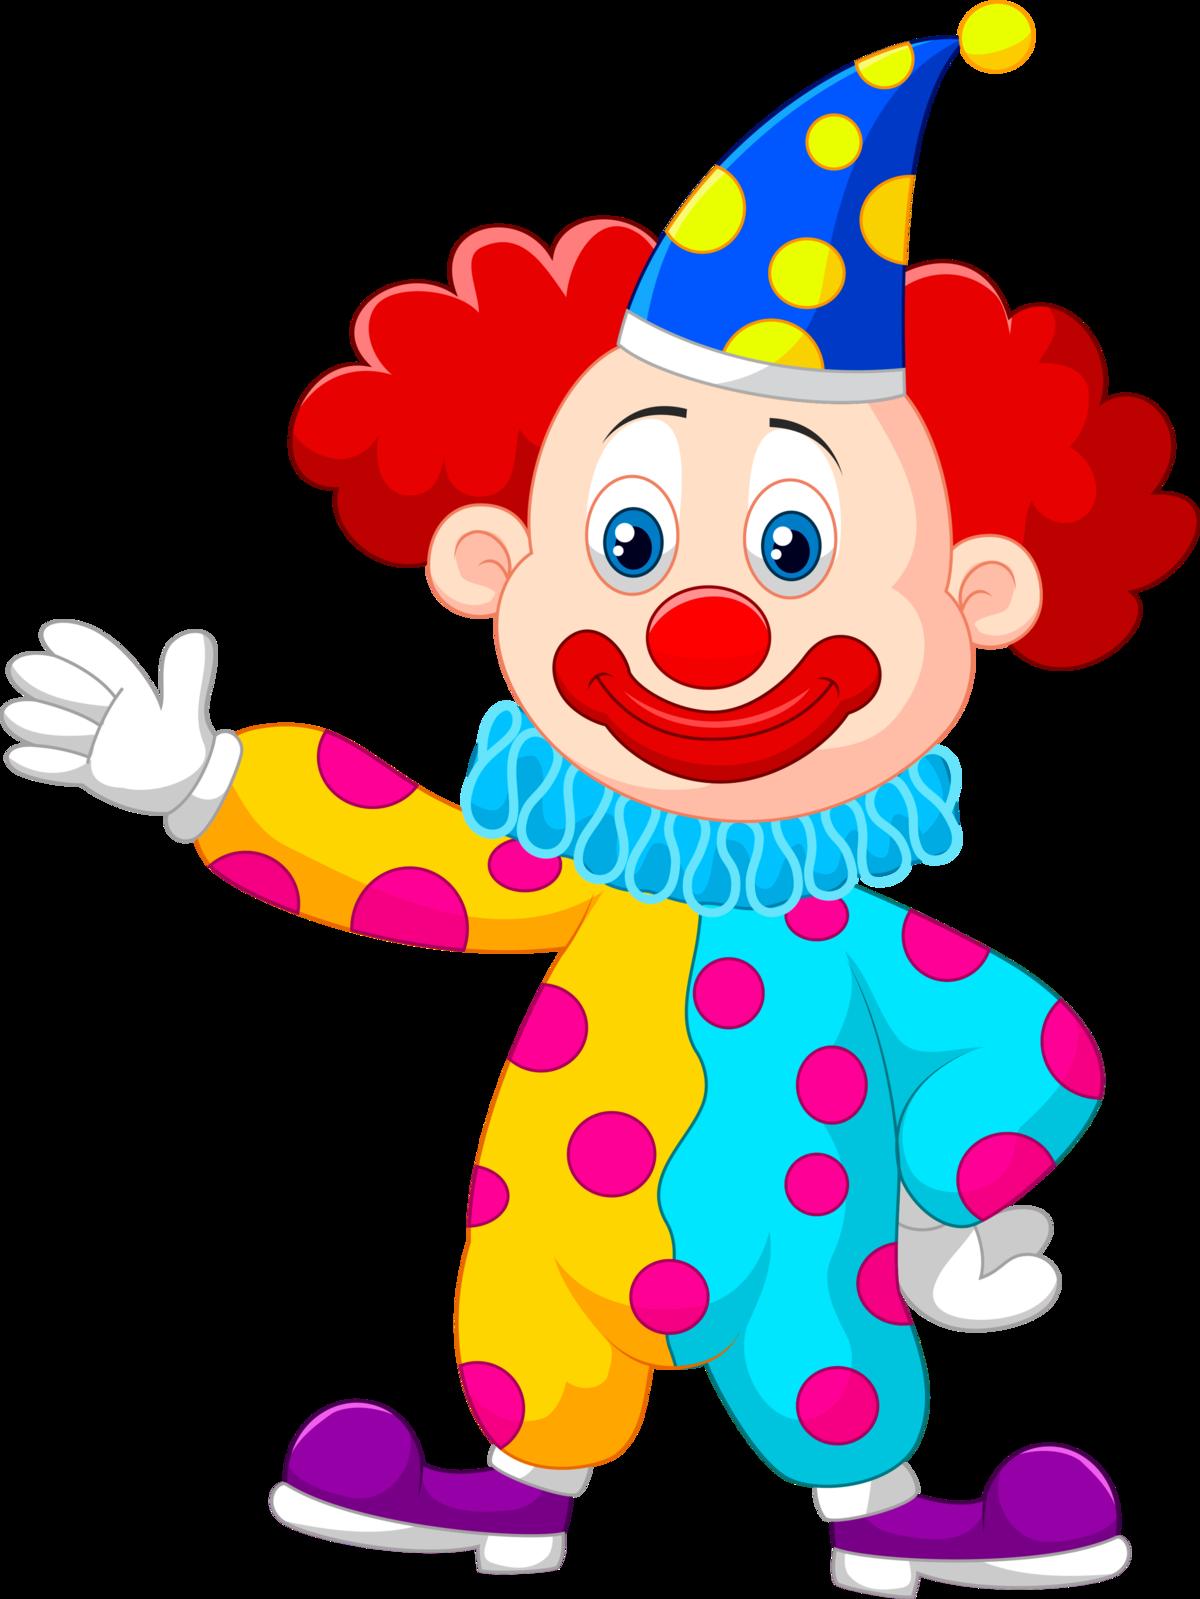 Картинка толстого клоуна